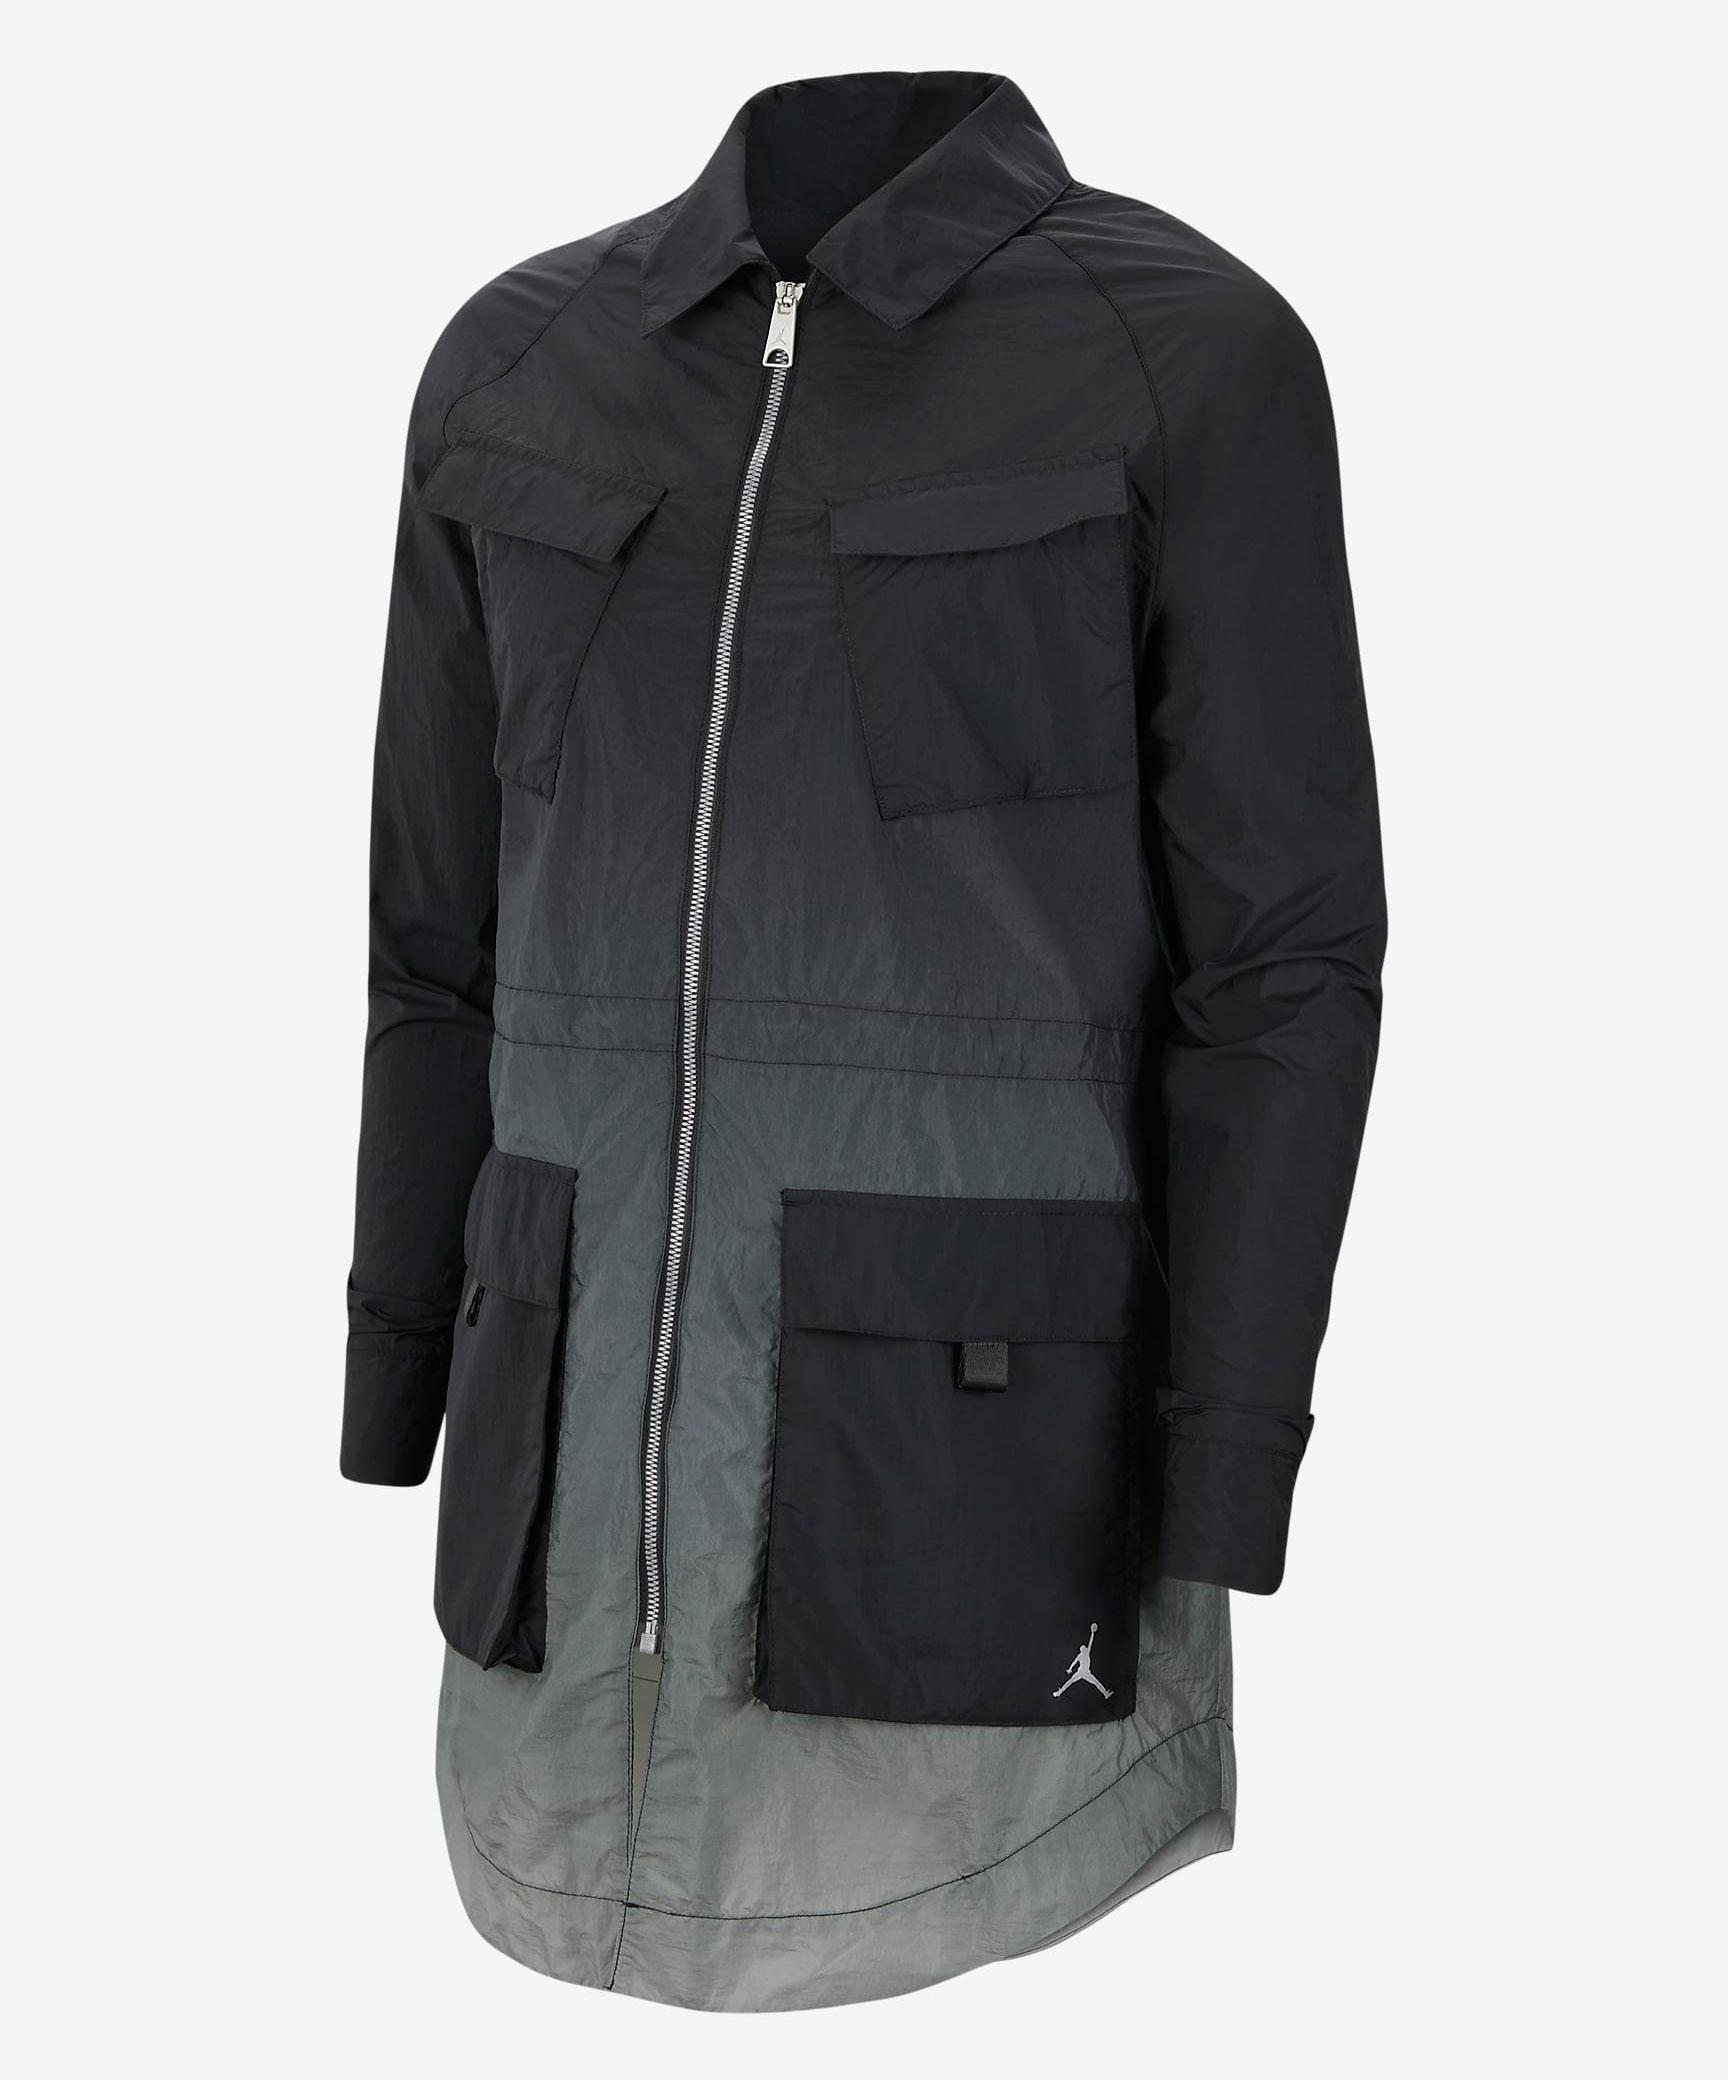 jordan-womens-windbreaker-jacket-black-1